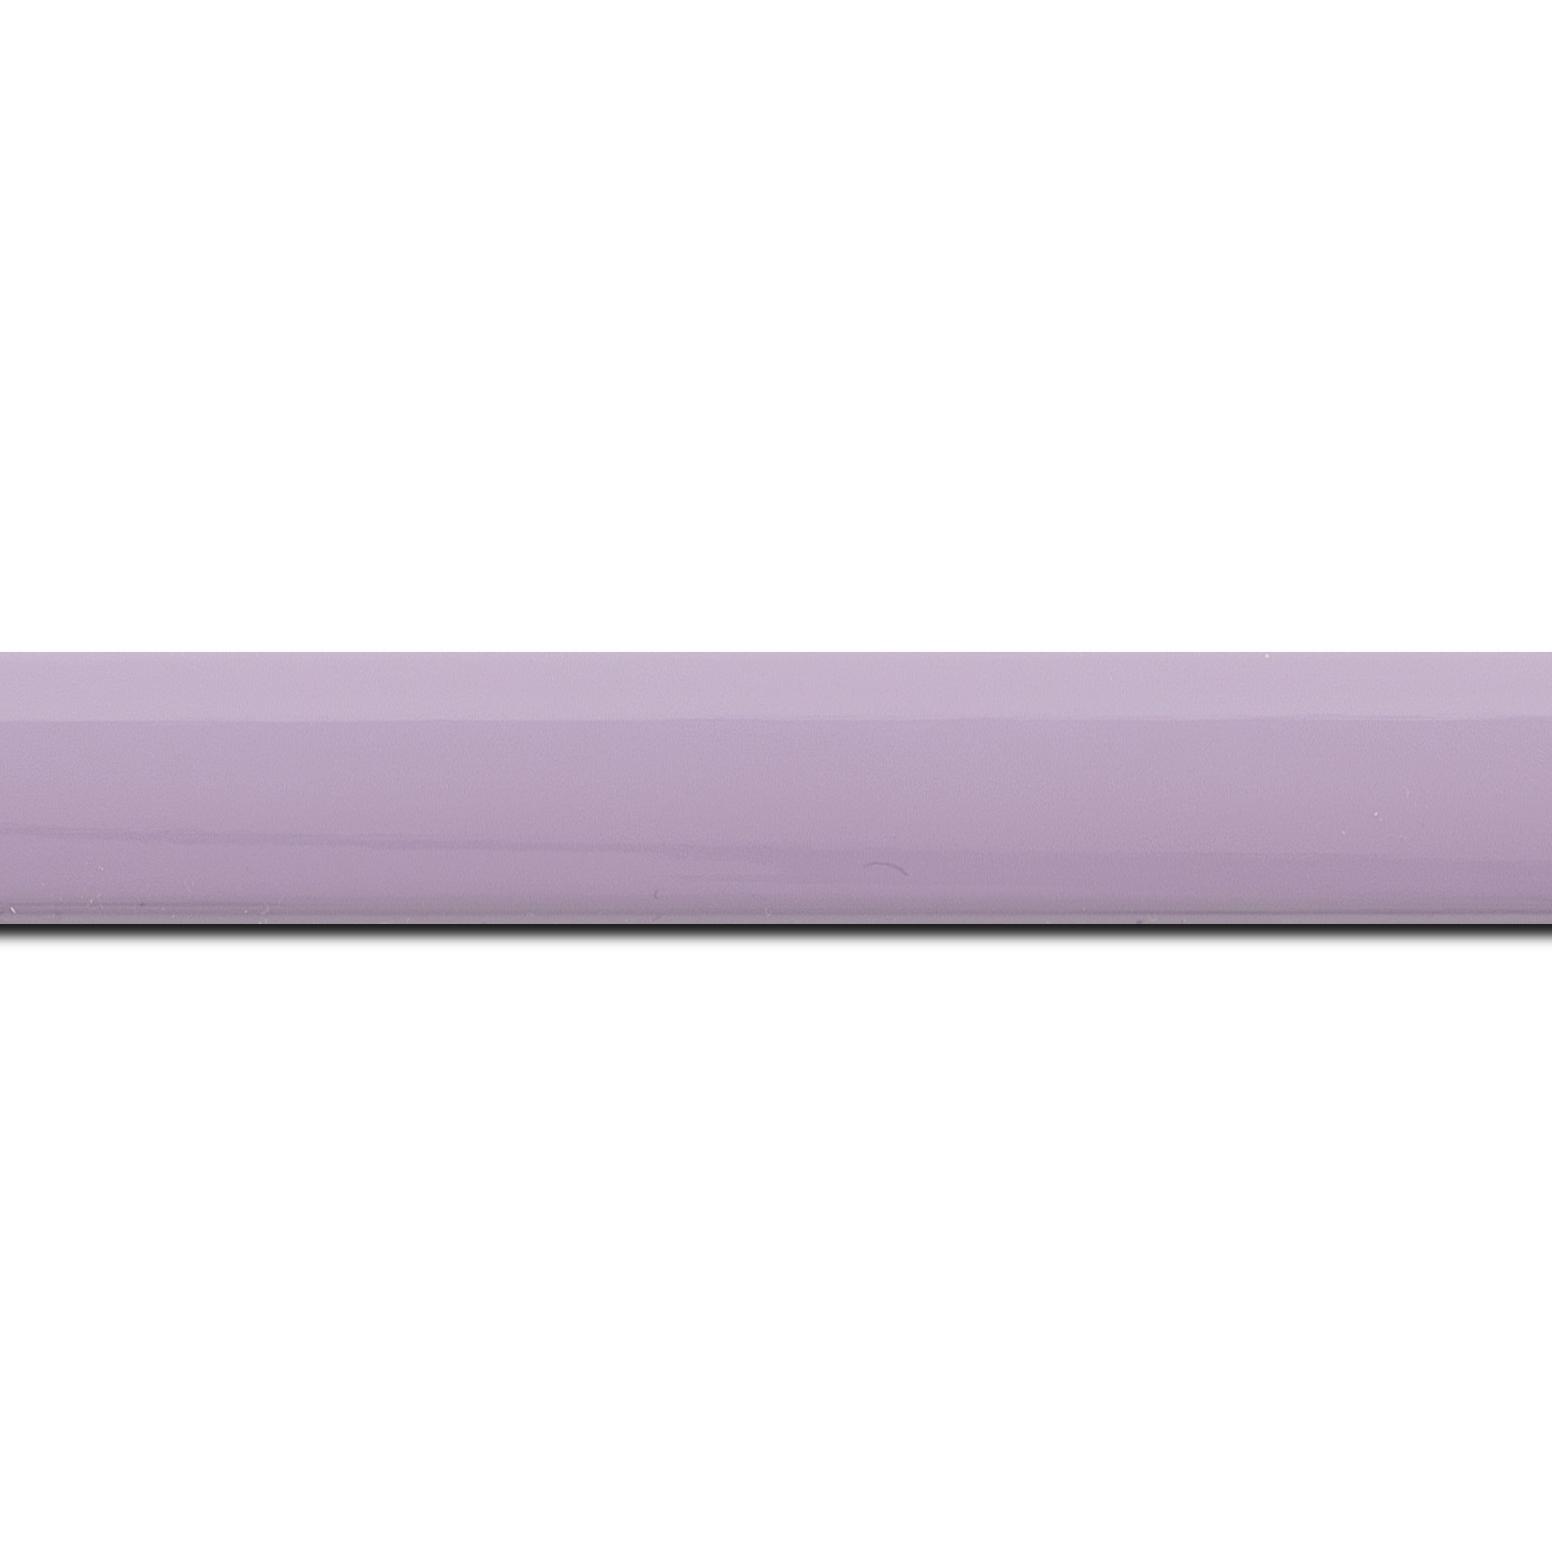 Pack par 12m, bois profil méplat largeur 2.3cm couleur violine laqué (longueur baguette pouvant varier entre 2.40m et 3m selon arrivage des bois)